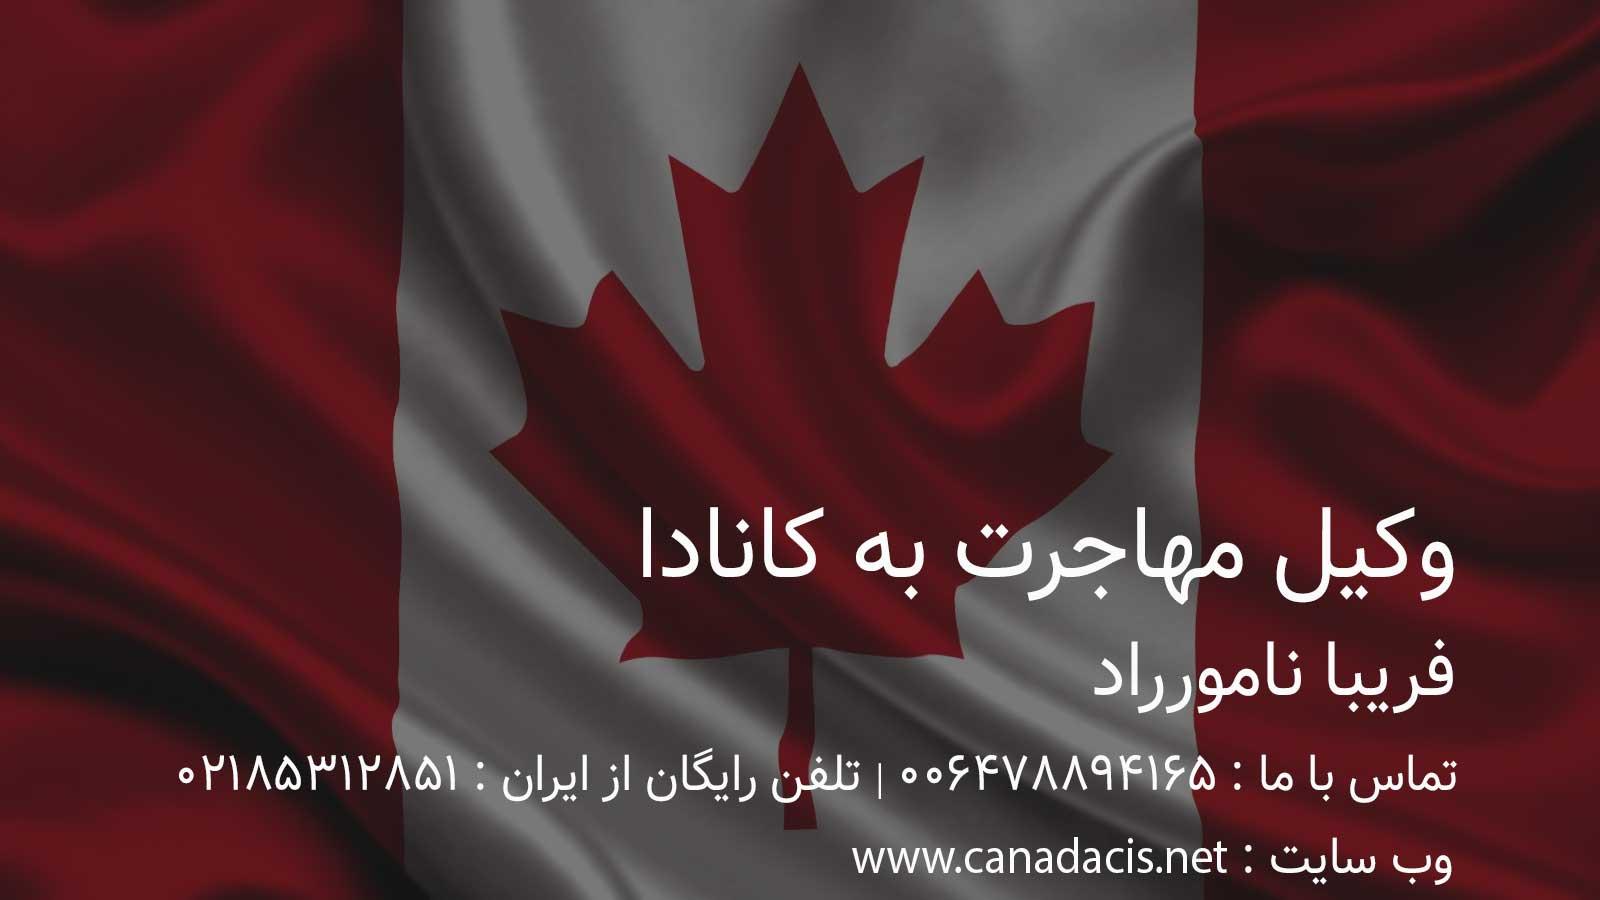 وکیل حرفه ای حقوقی مهاجرت به کانادا